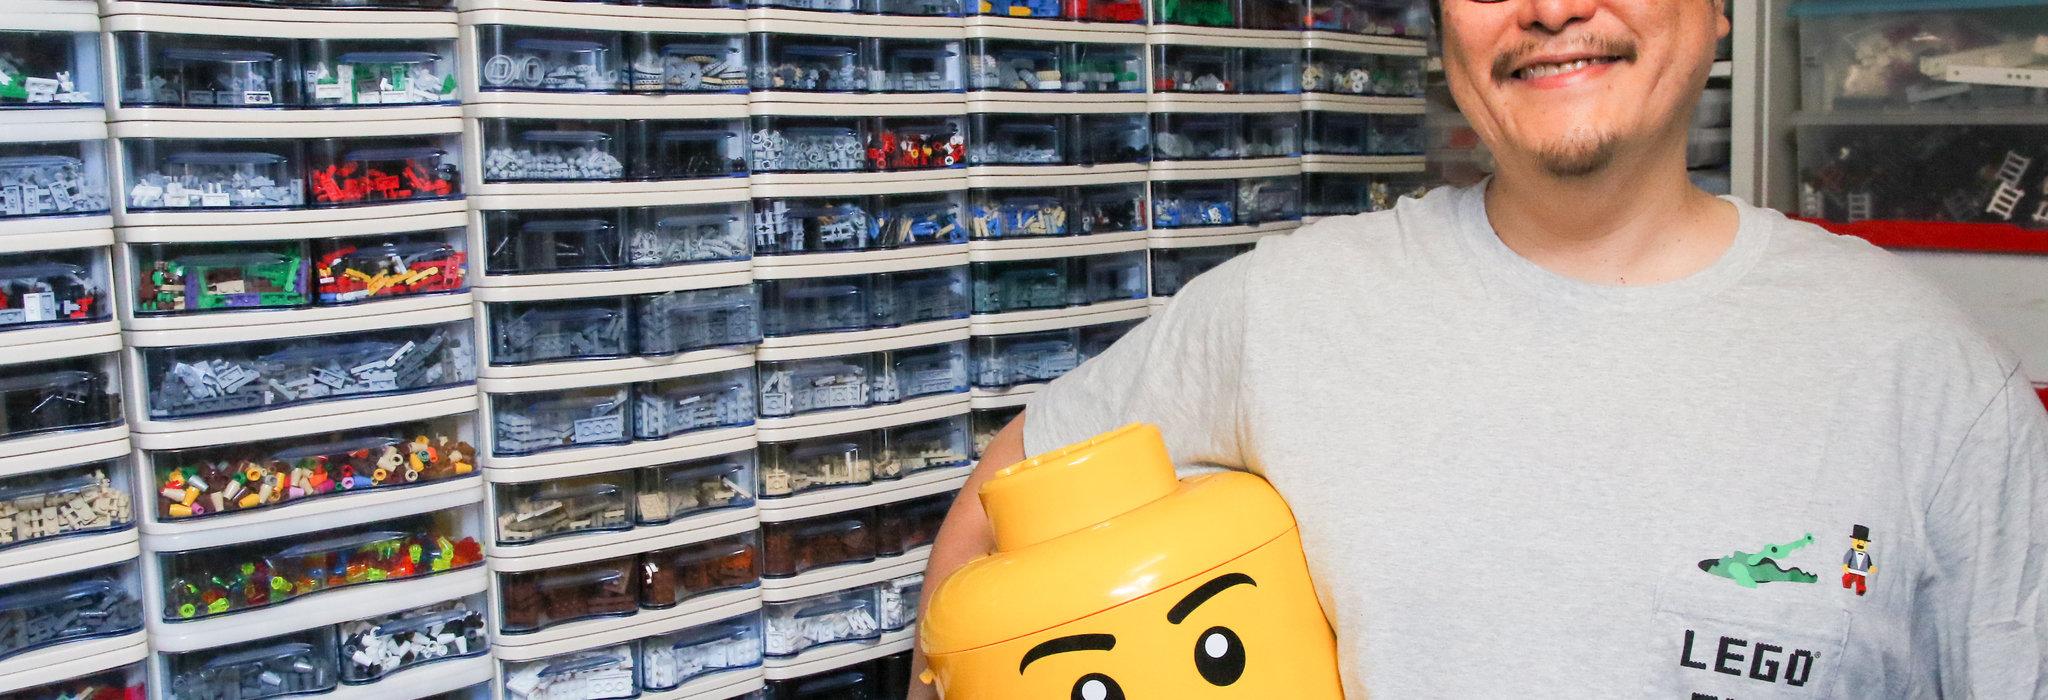 子どもからおじいちゃんまで、誰でも手を伸ばせる芸術の世界。元LEGOアンバサダーさいとうよしかずさんが語る、LEGOブロックの魅力とは。_image